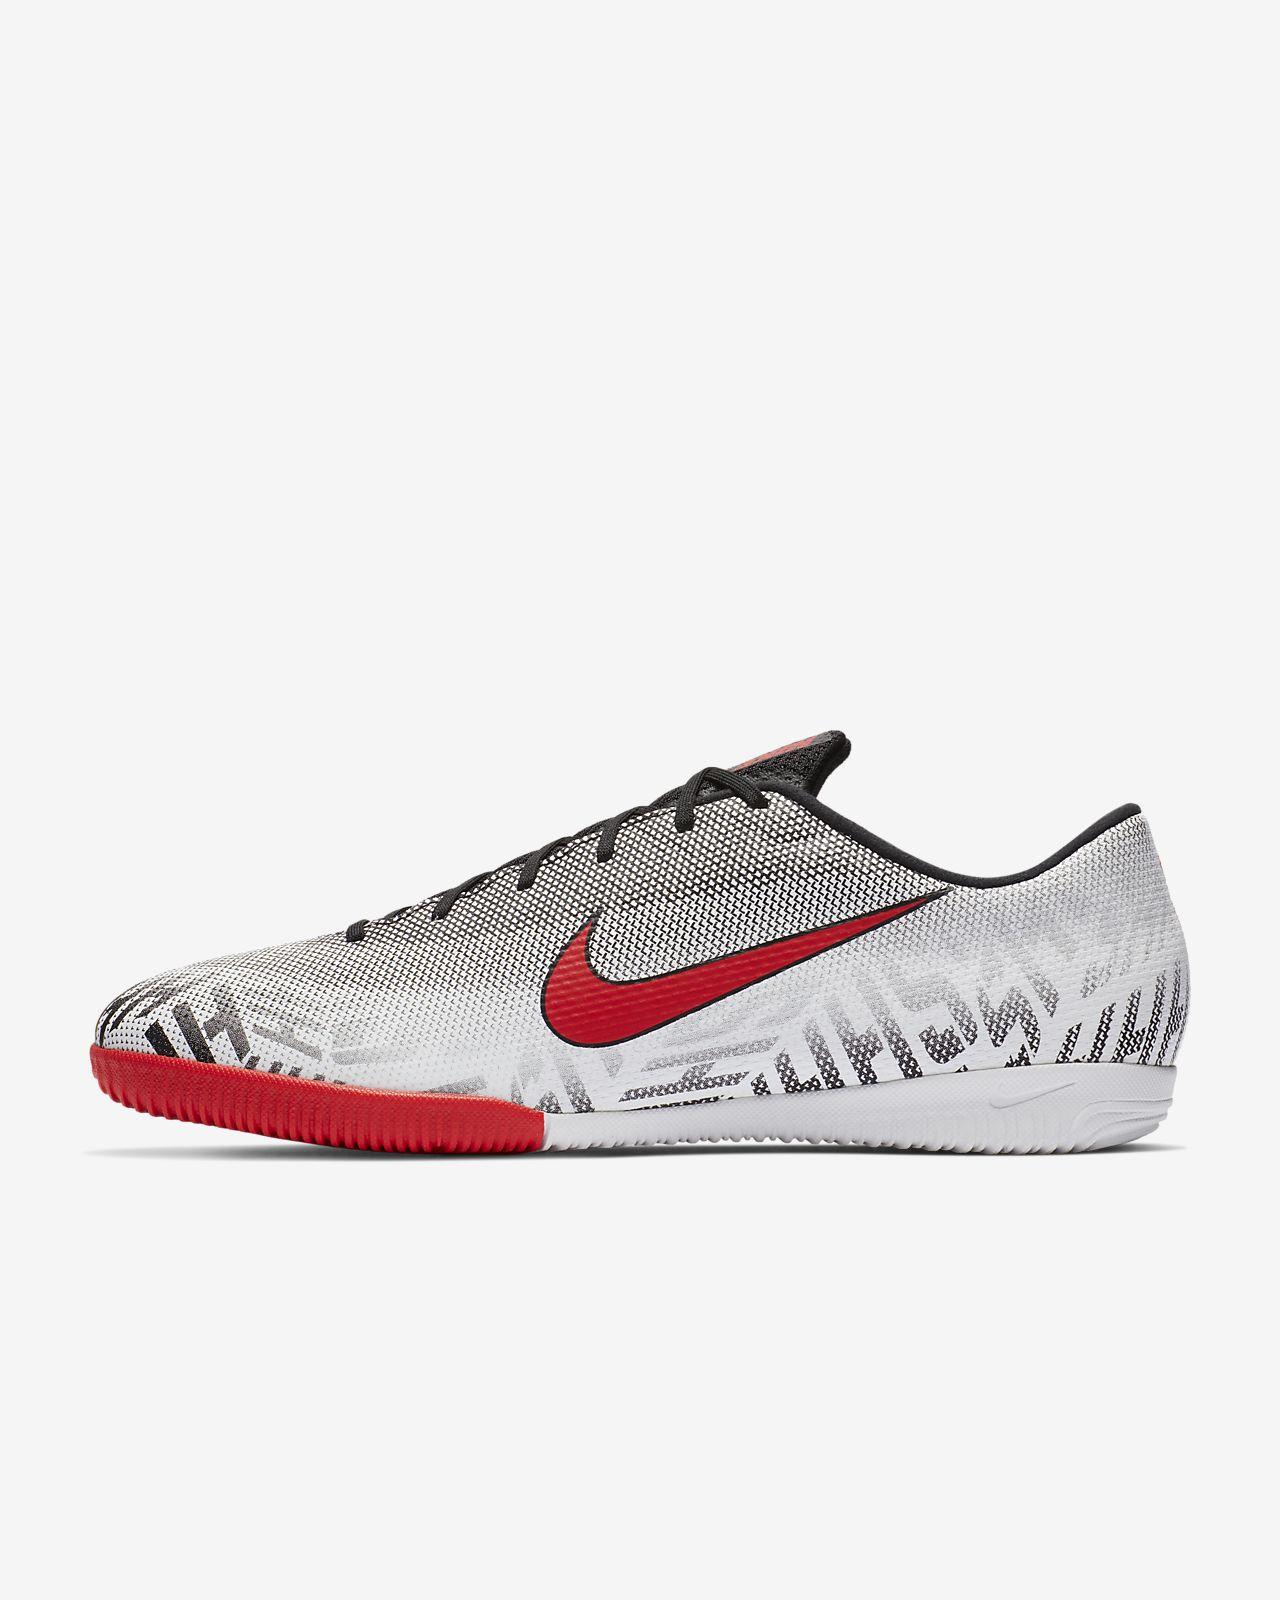 info for c1407 dbbd6 ... Chaussure de football en salle Nike Mercurial Vapor XII Academy Neymar  Jr